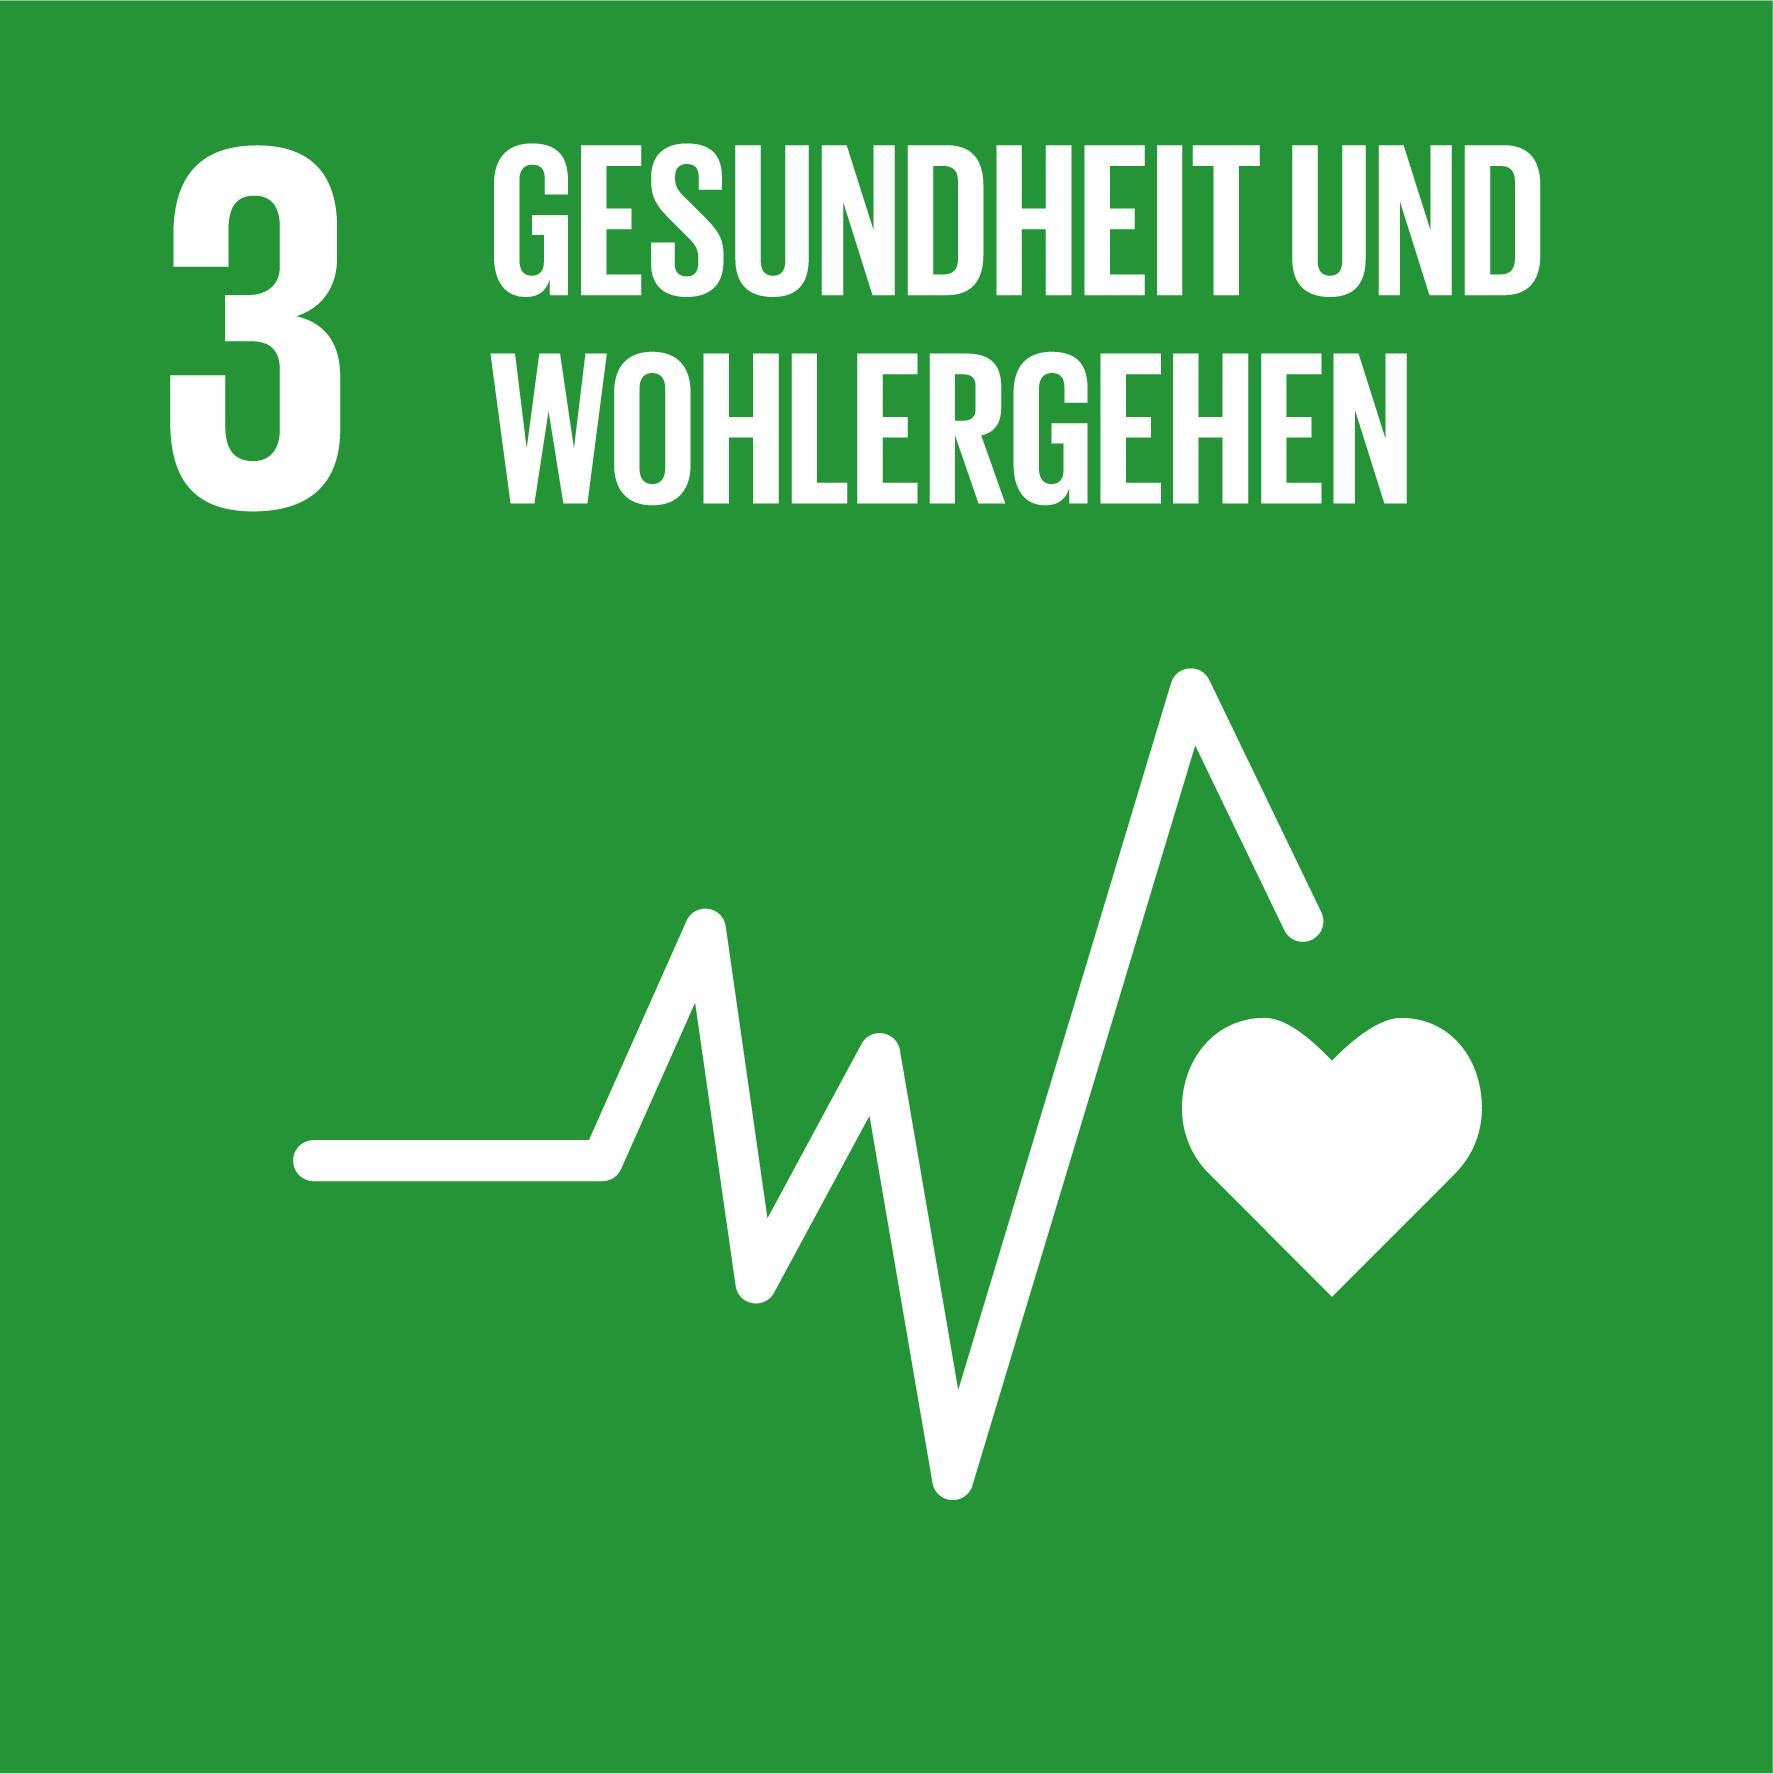 17 Nachhaltigkeitsziele - Ziel 3